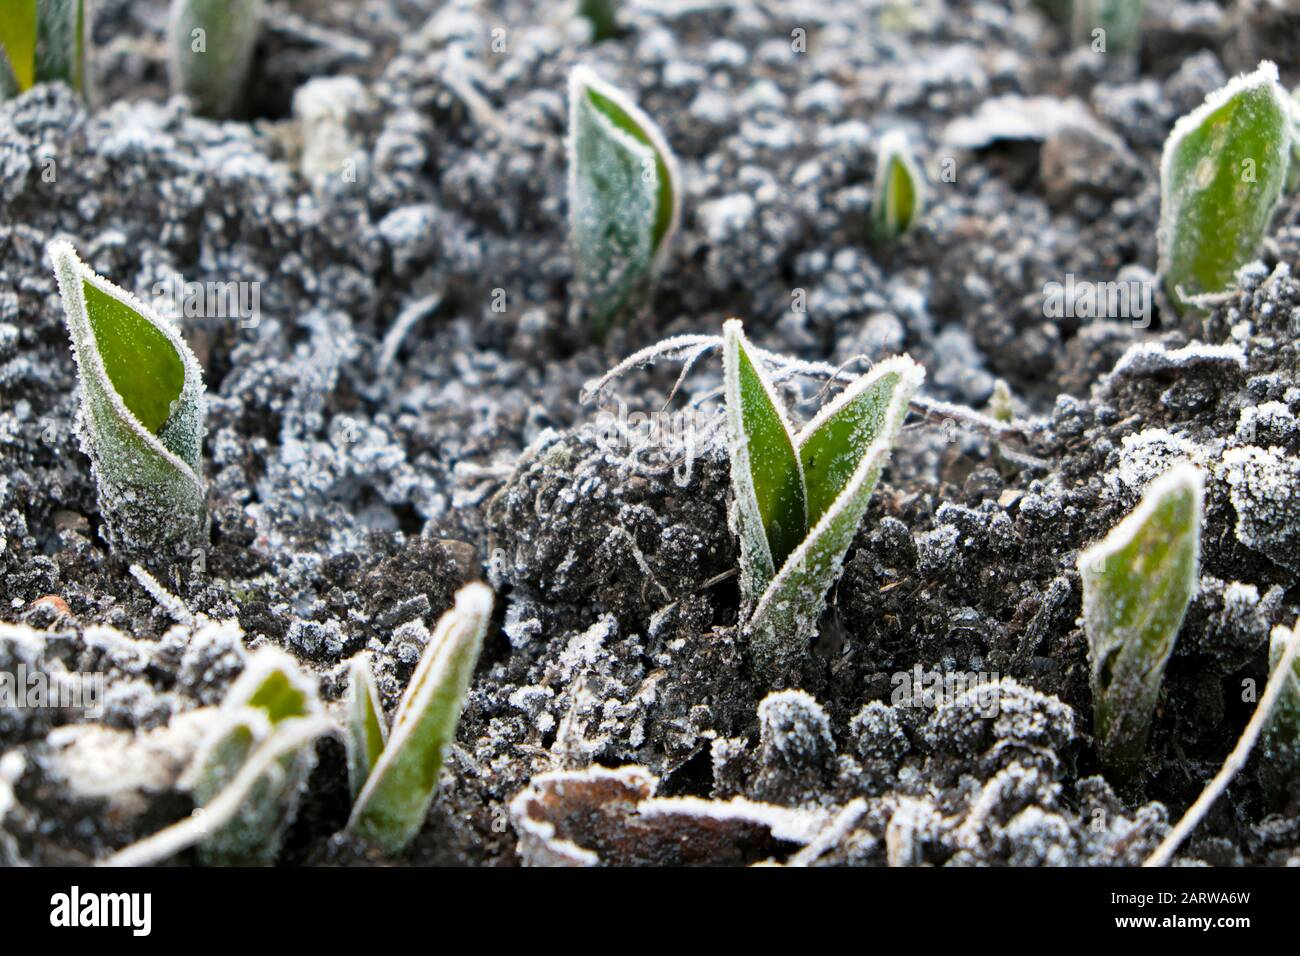 Gelo su tulipani piante emergenti da terra al di fuori di un freddo gelido inverno gennaio giorno in Gloucestershire UK 2020 KATHY DEWITT Foto Stock